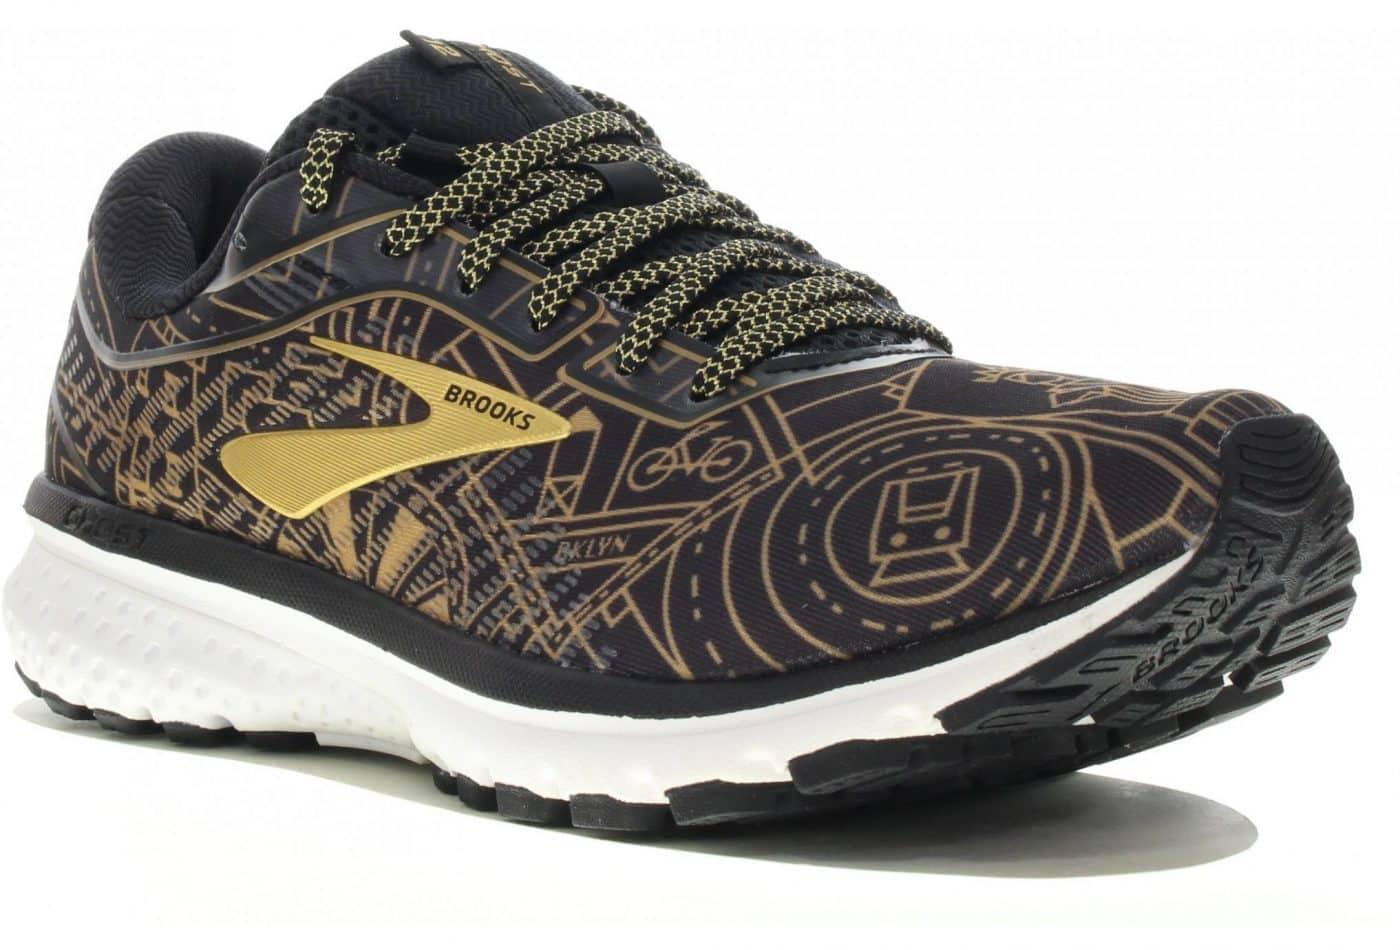 brooks-ghost-12-marathon-nyc-chaussures-running-runpack2